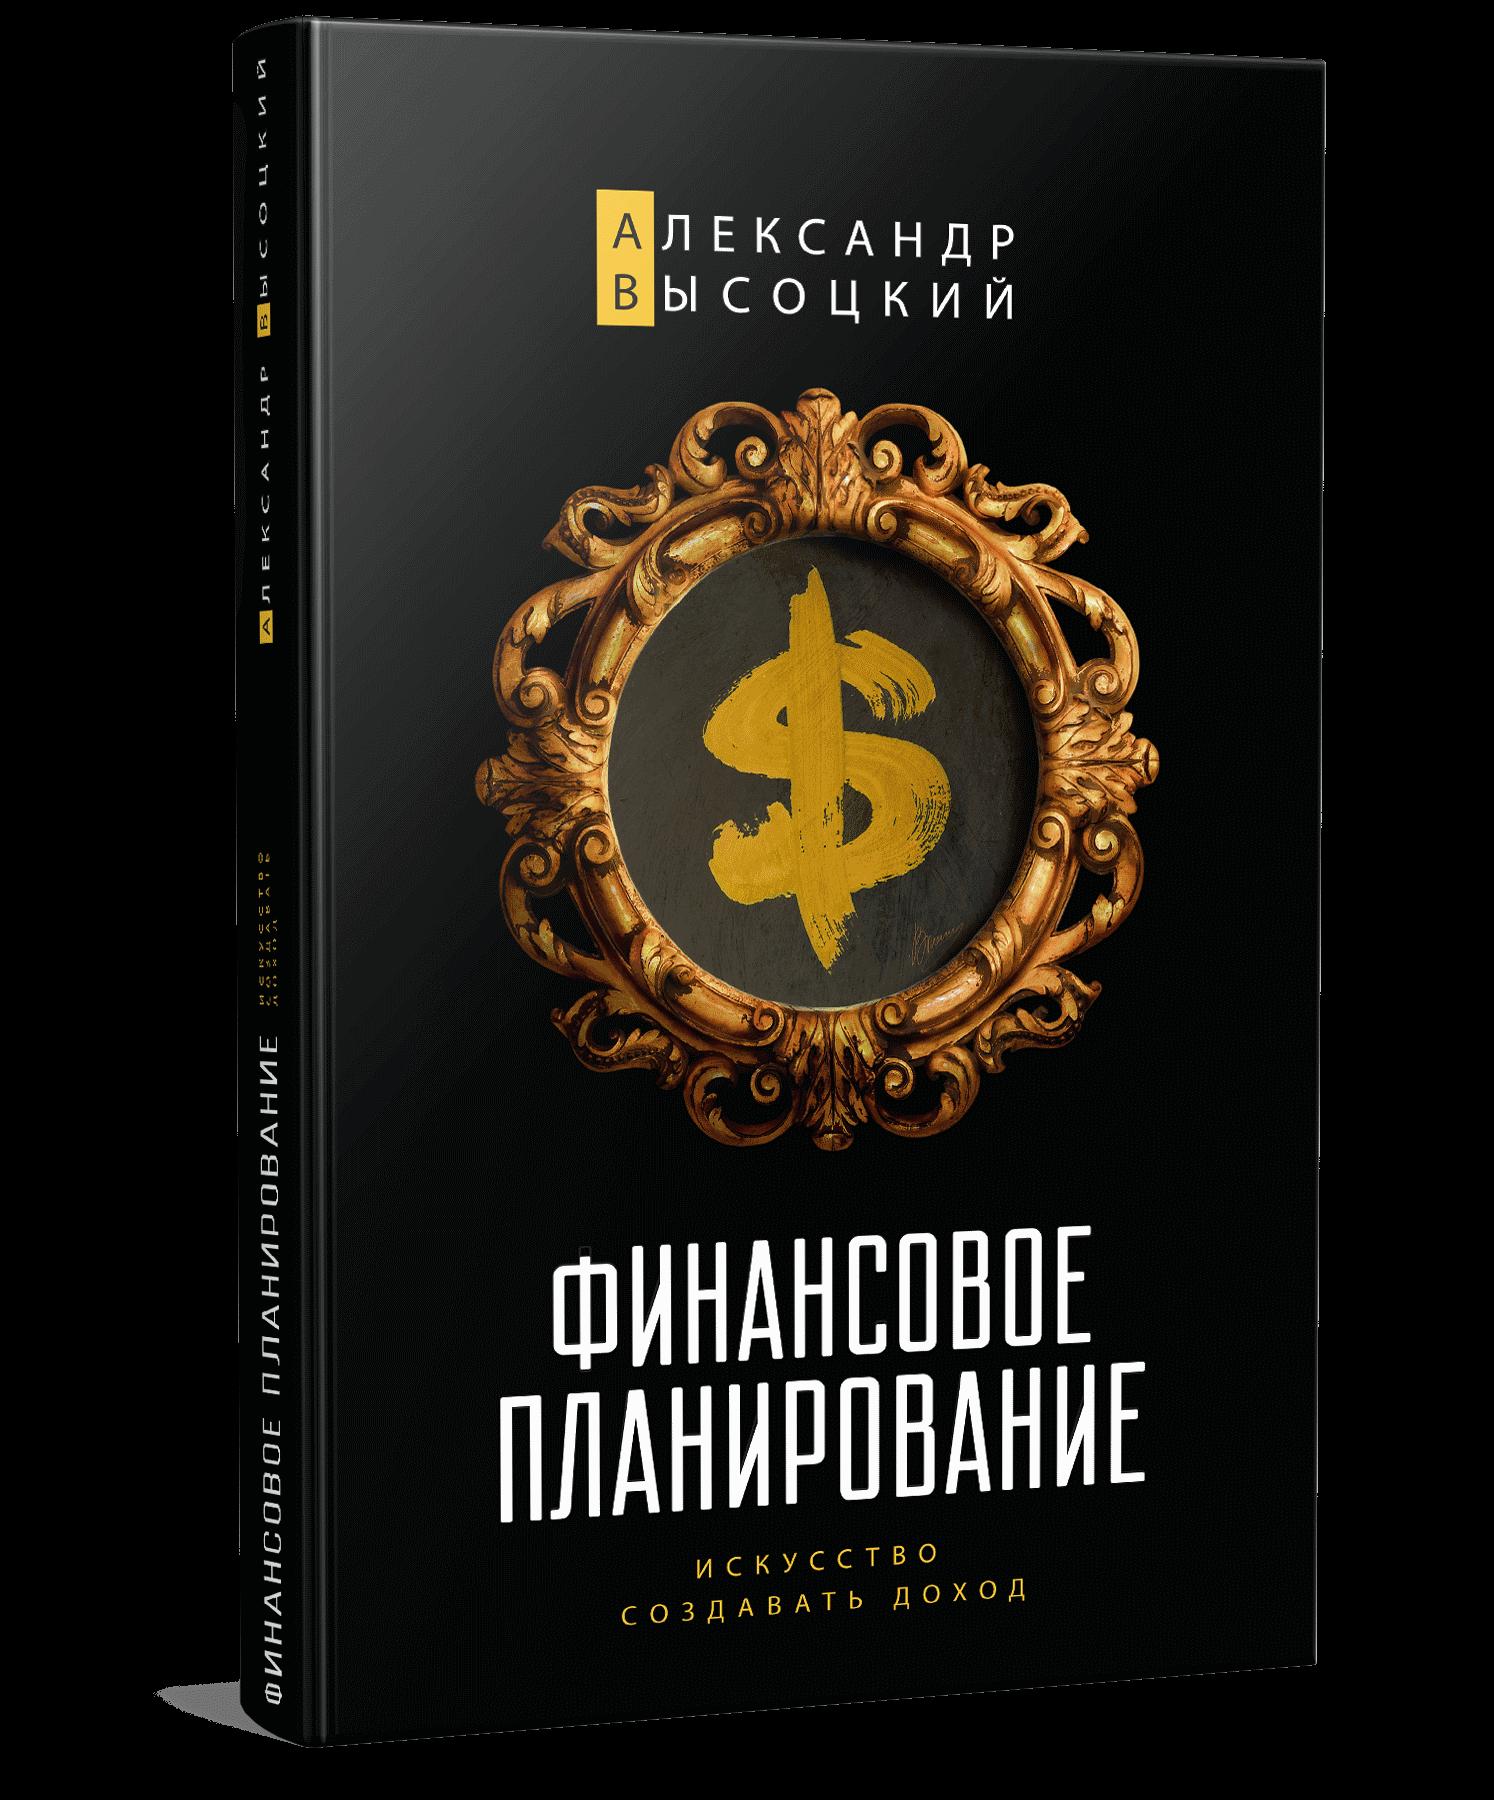 """Книга Александра Высоцкого """"Финансовое планирование. Искусство создавать доход"""""""